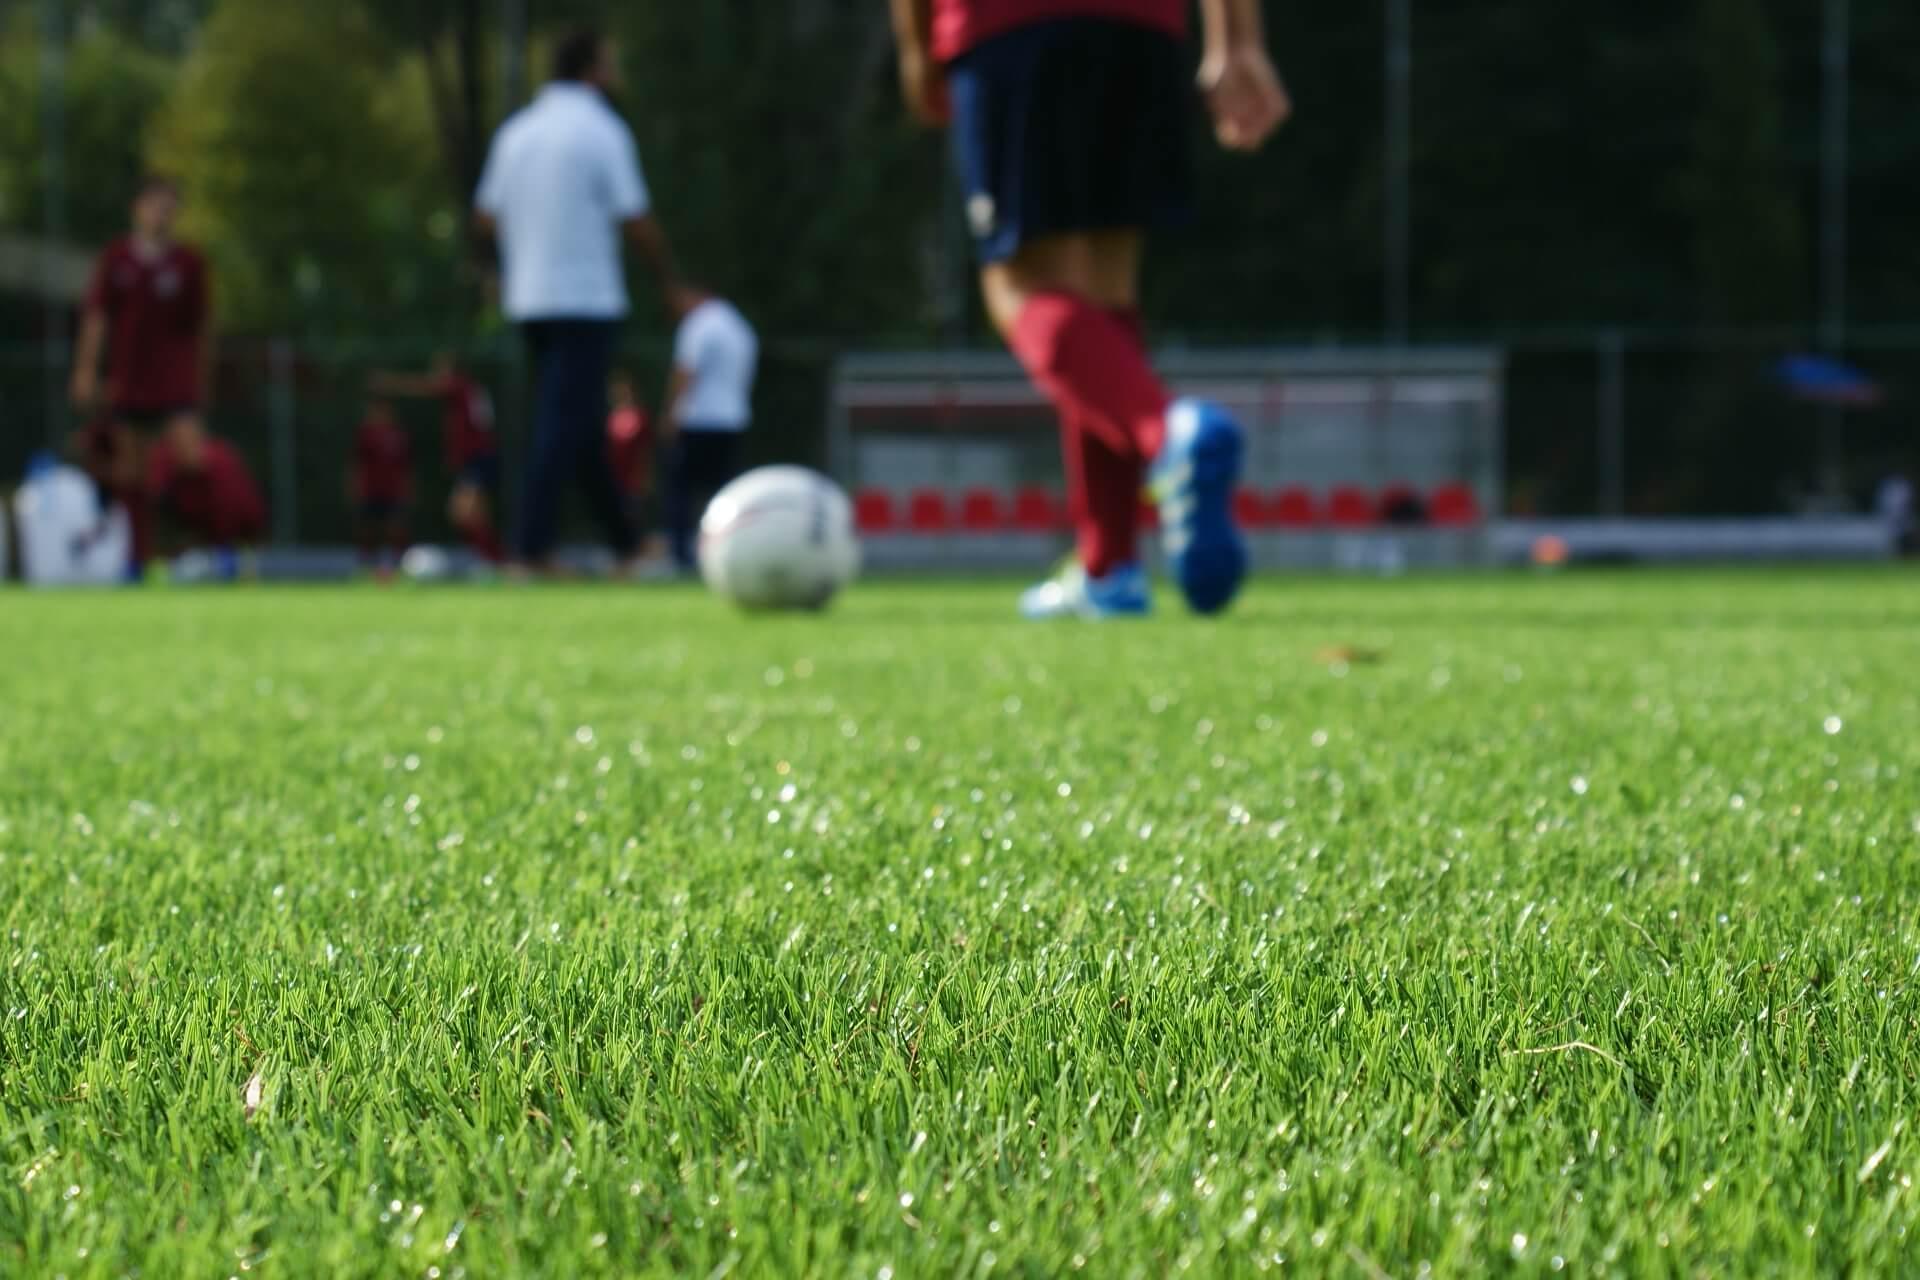 Campo di calcio in erba sintetica paragonabile alle migliori superfici ...